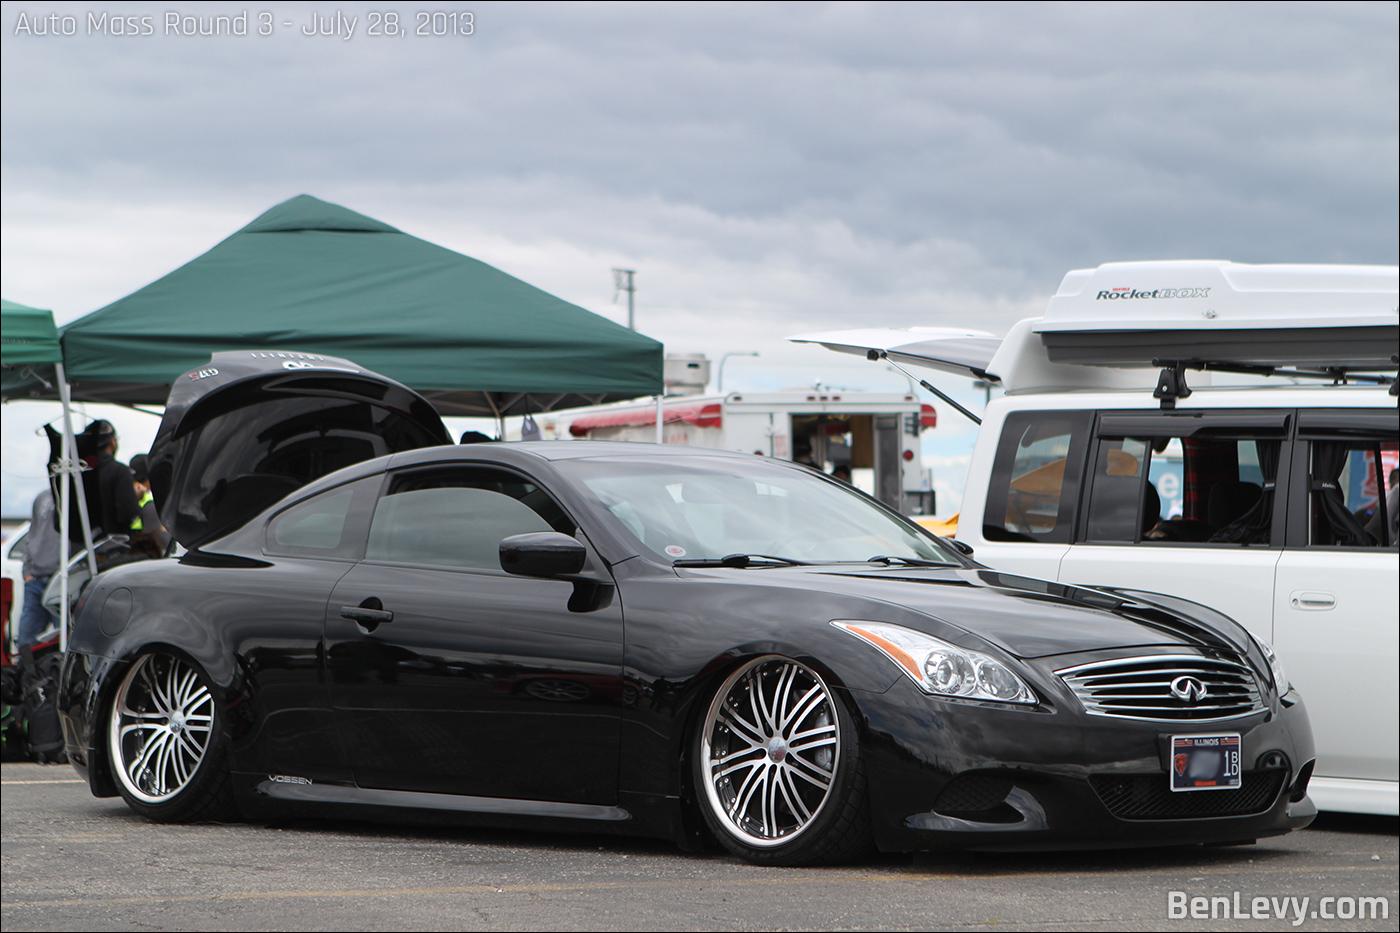 New Mercedes Benz >> Slammed Infiniti G37 coupe - BenLevy.com